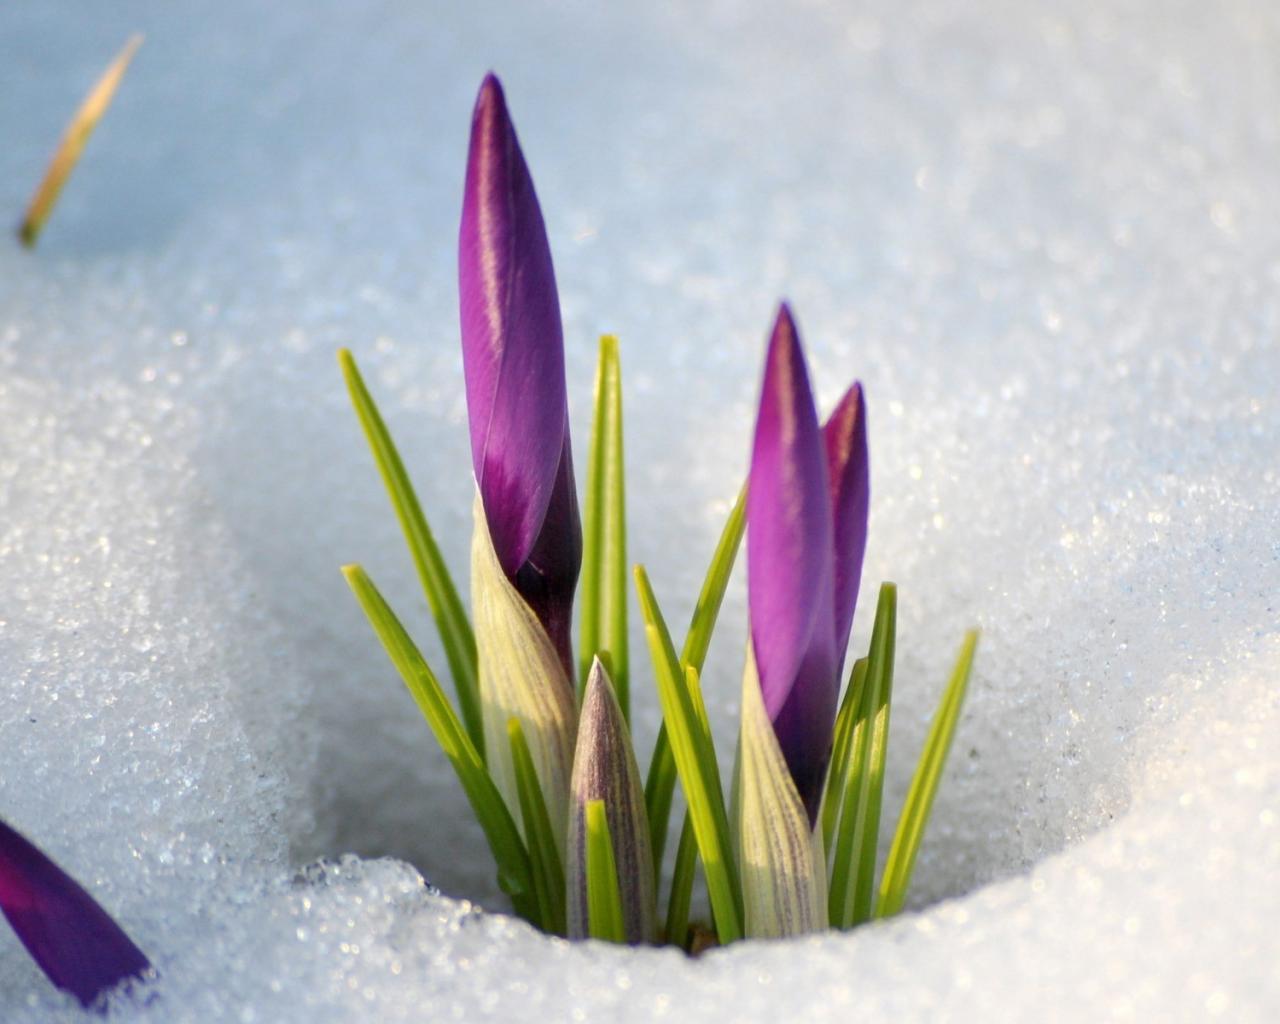 Цветы цветы в снегу приход весны 1280x1024